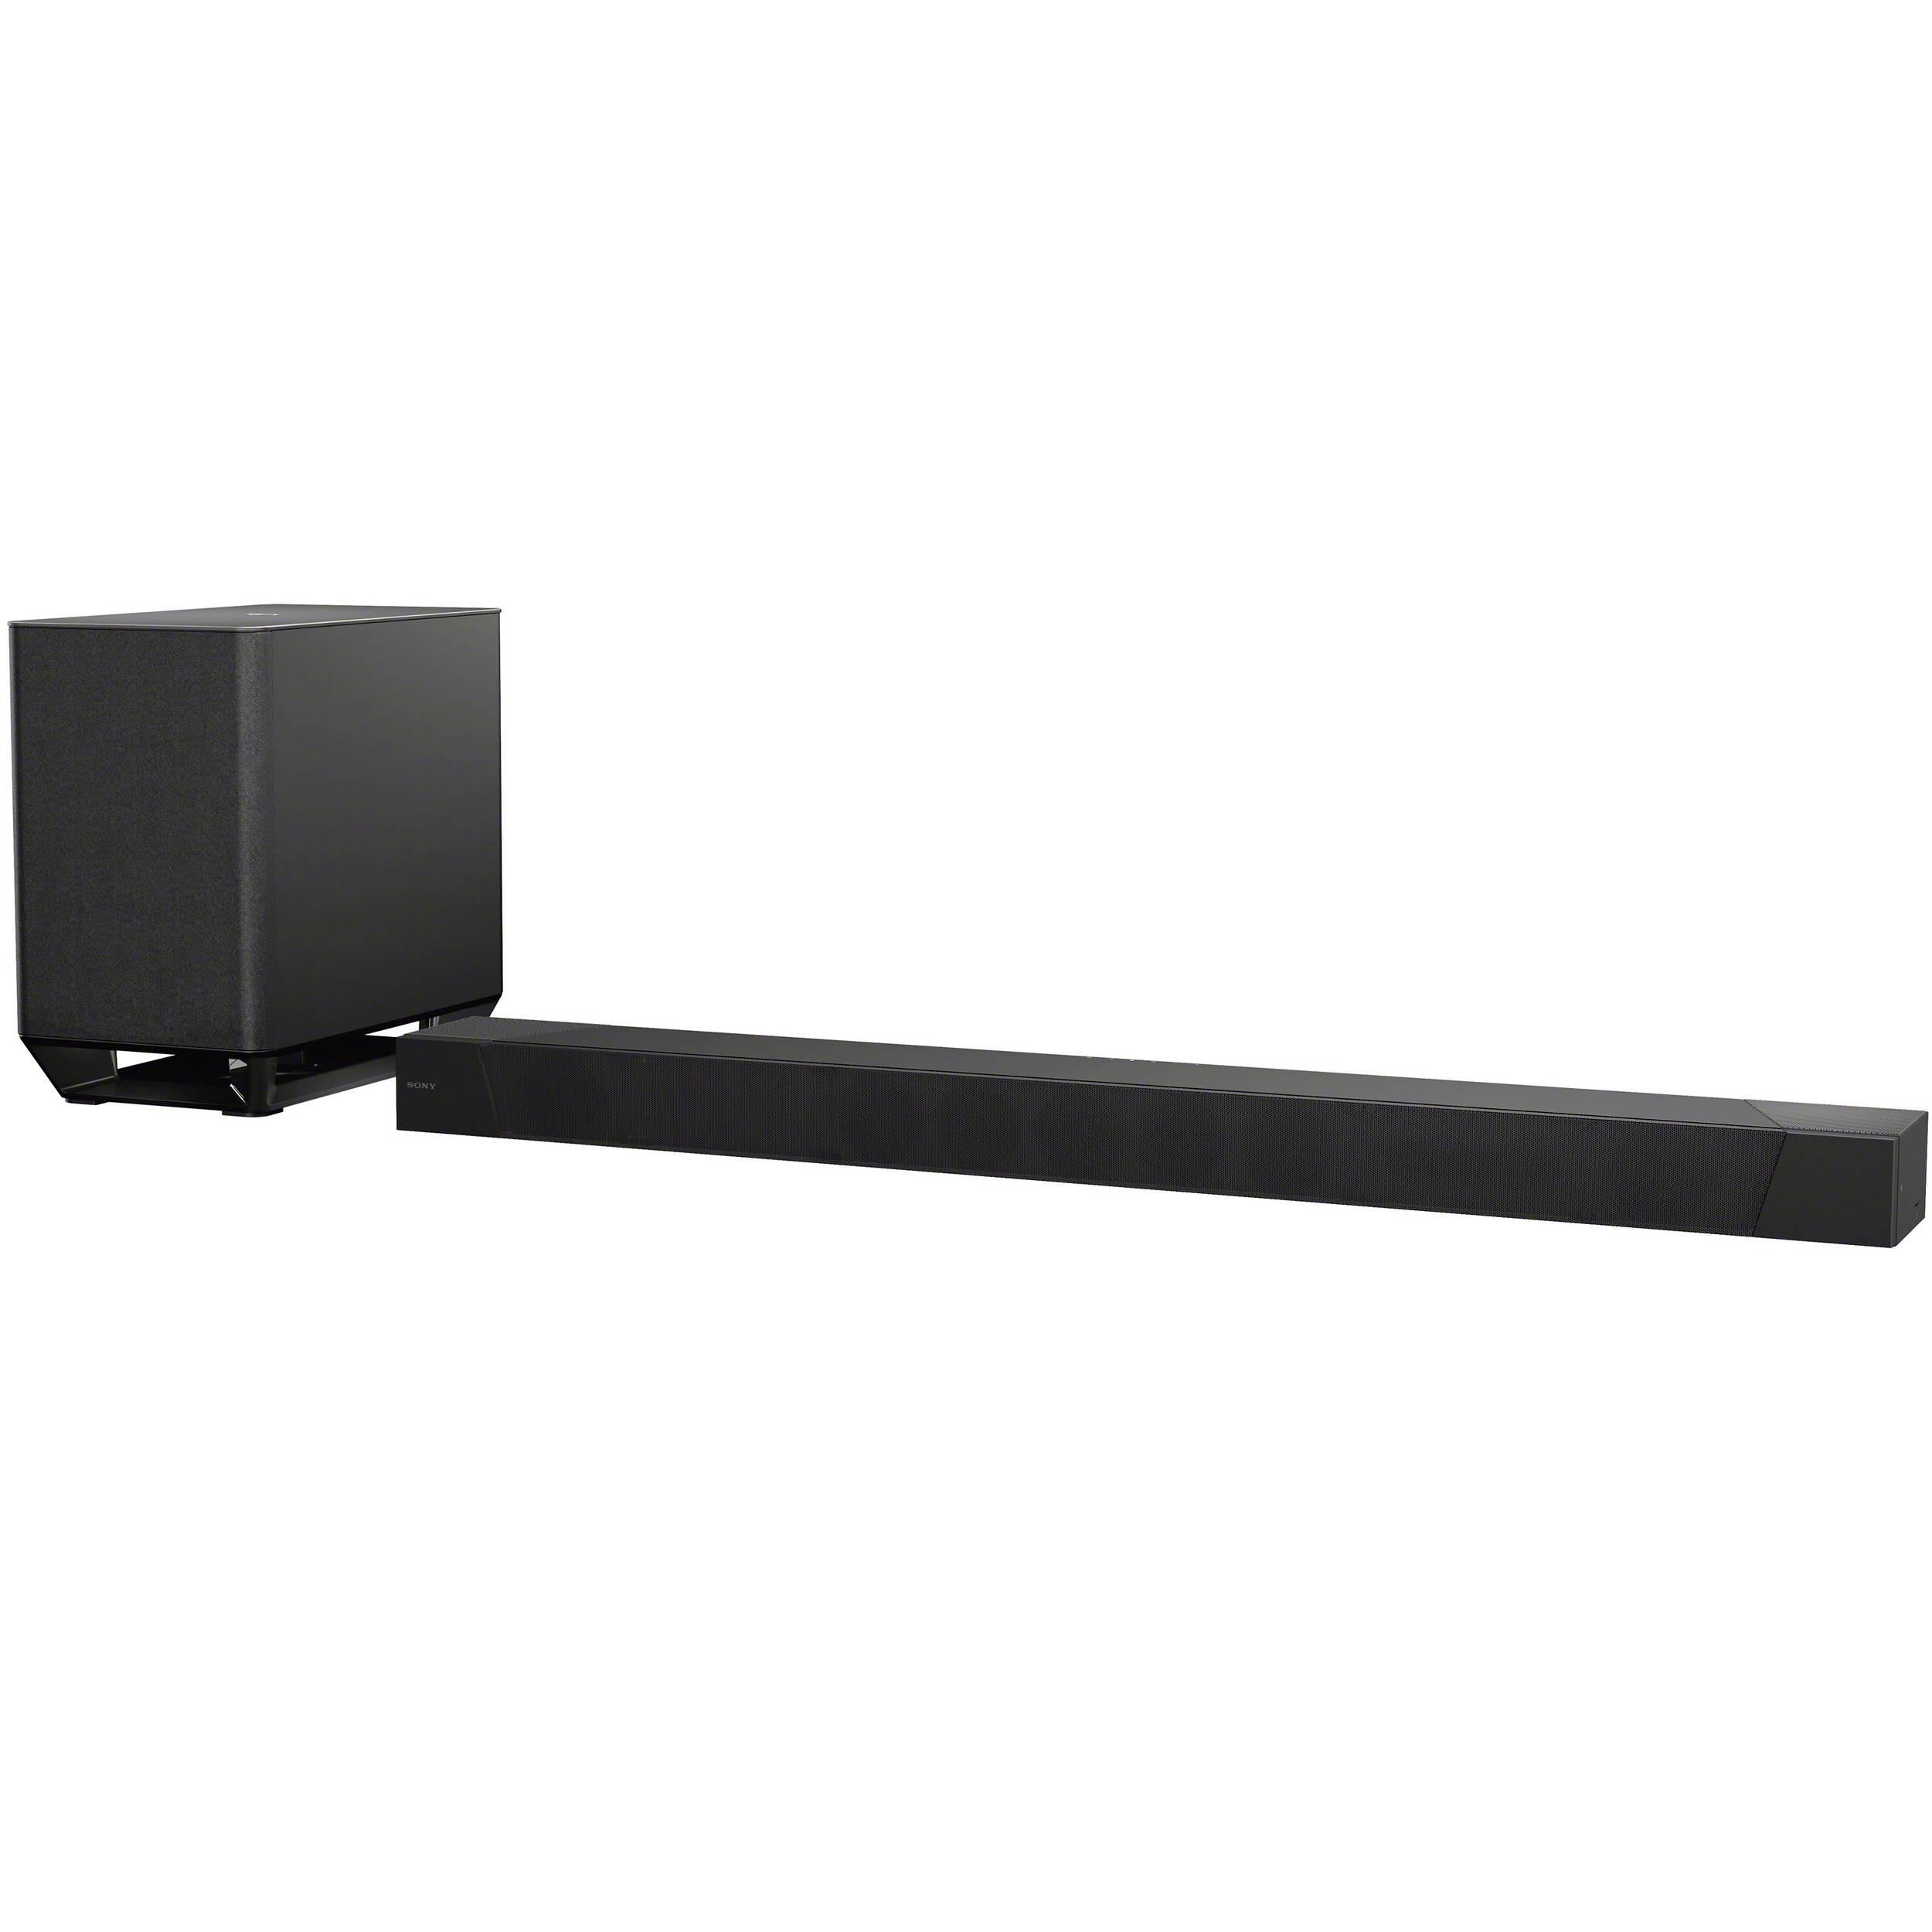 Sony Ht St5000 800w 7 1 2 Channel Soundbar System